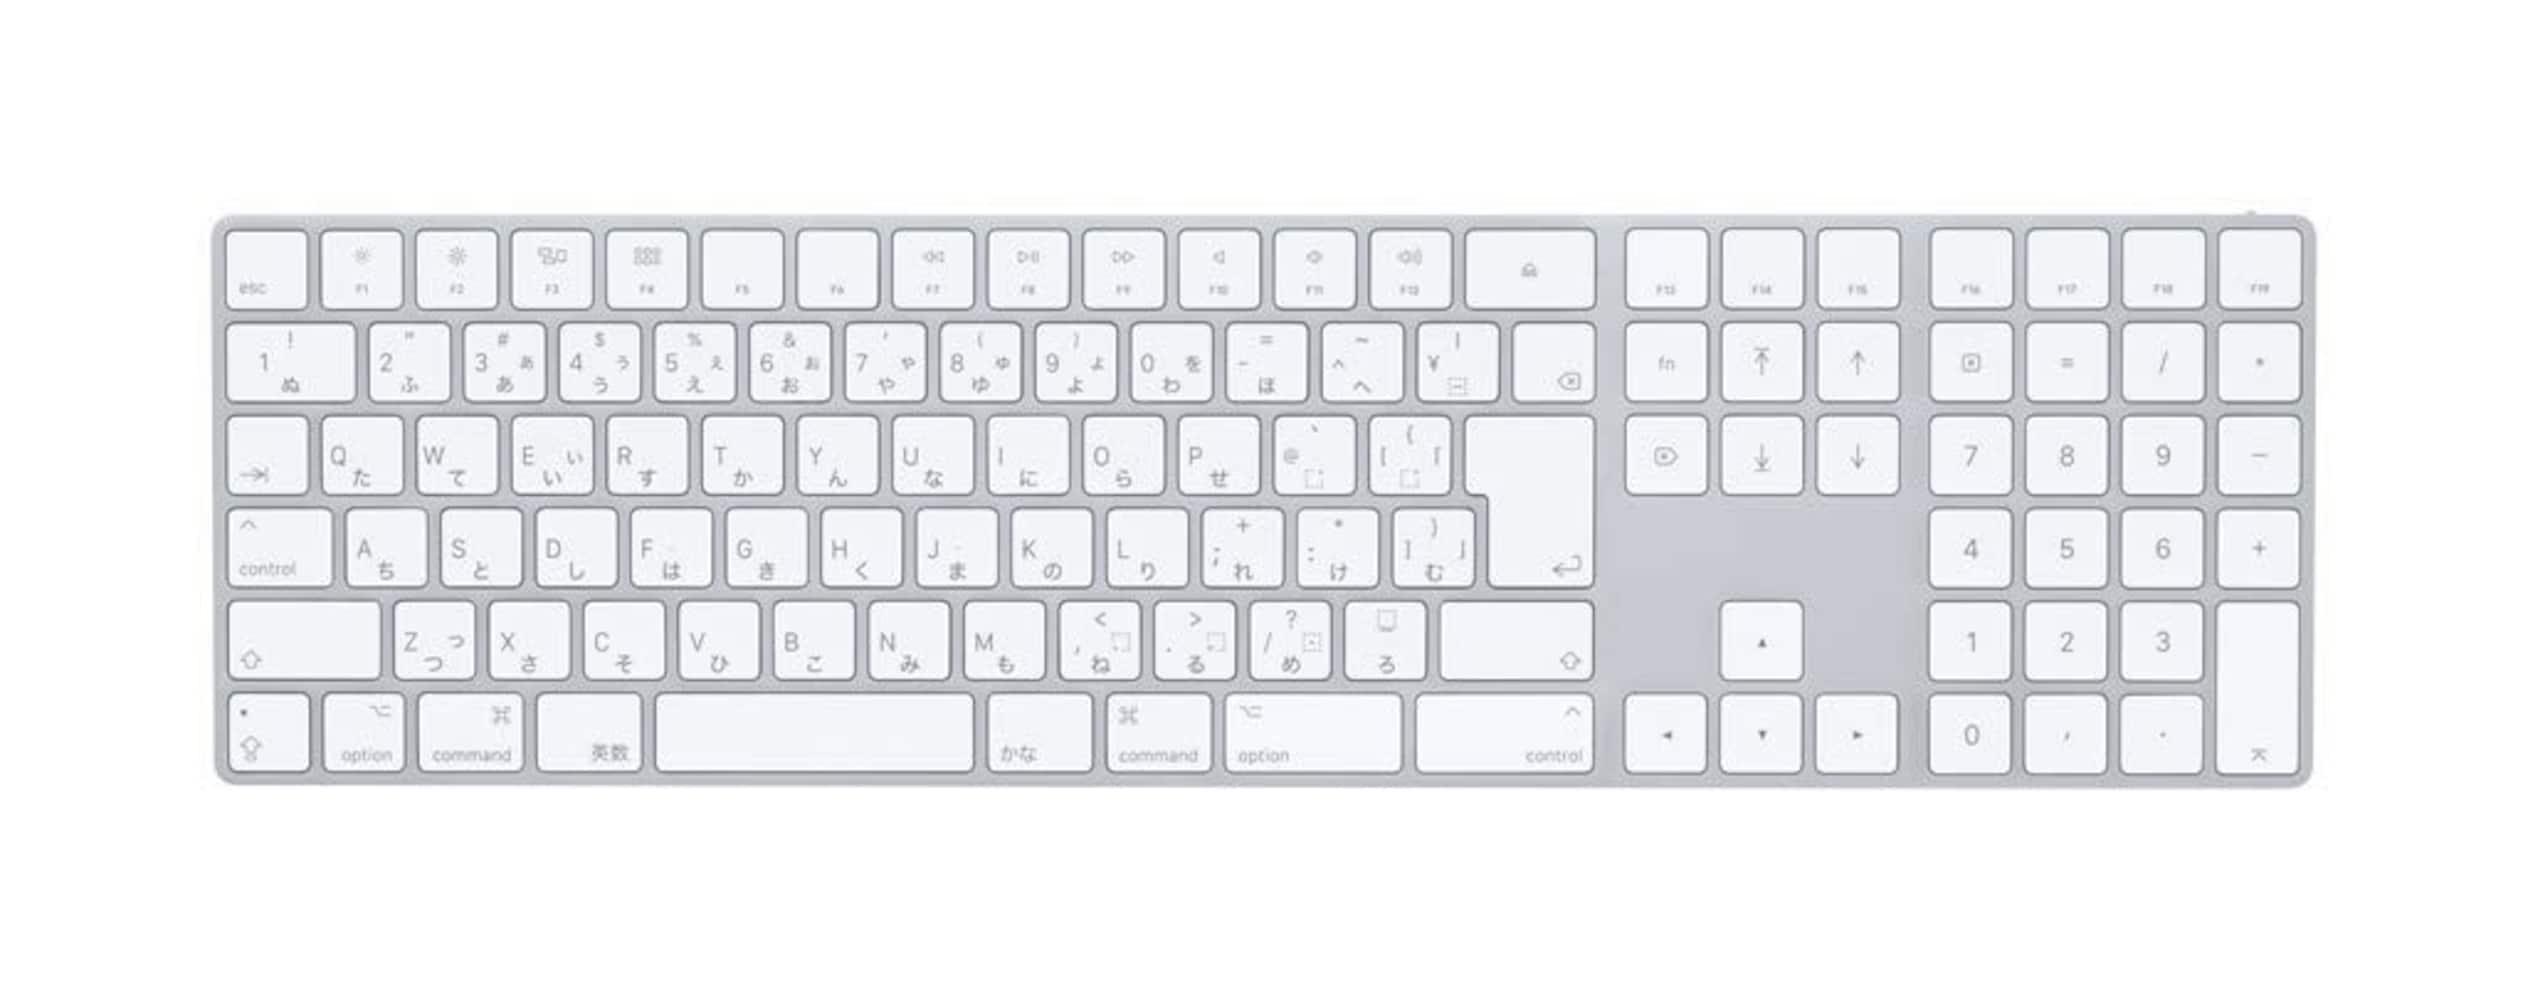 Mac用キーボードには「command(⌘)キー」と「optionキー」がある